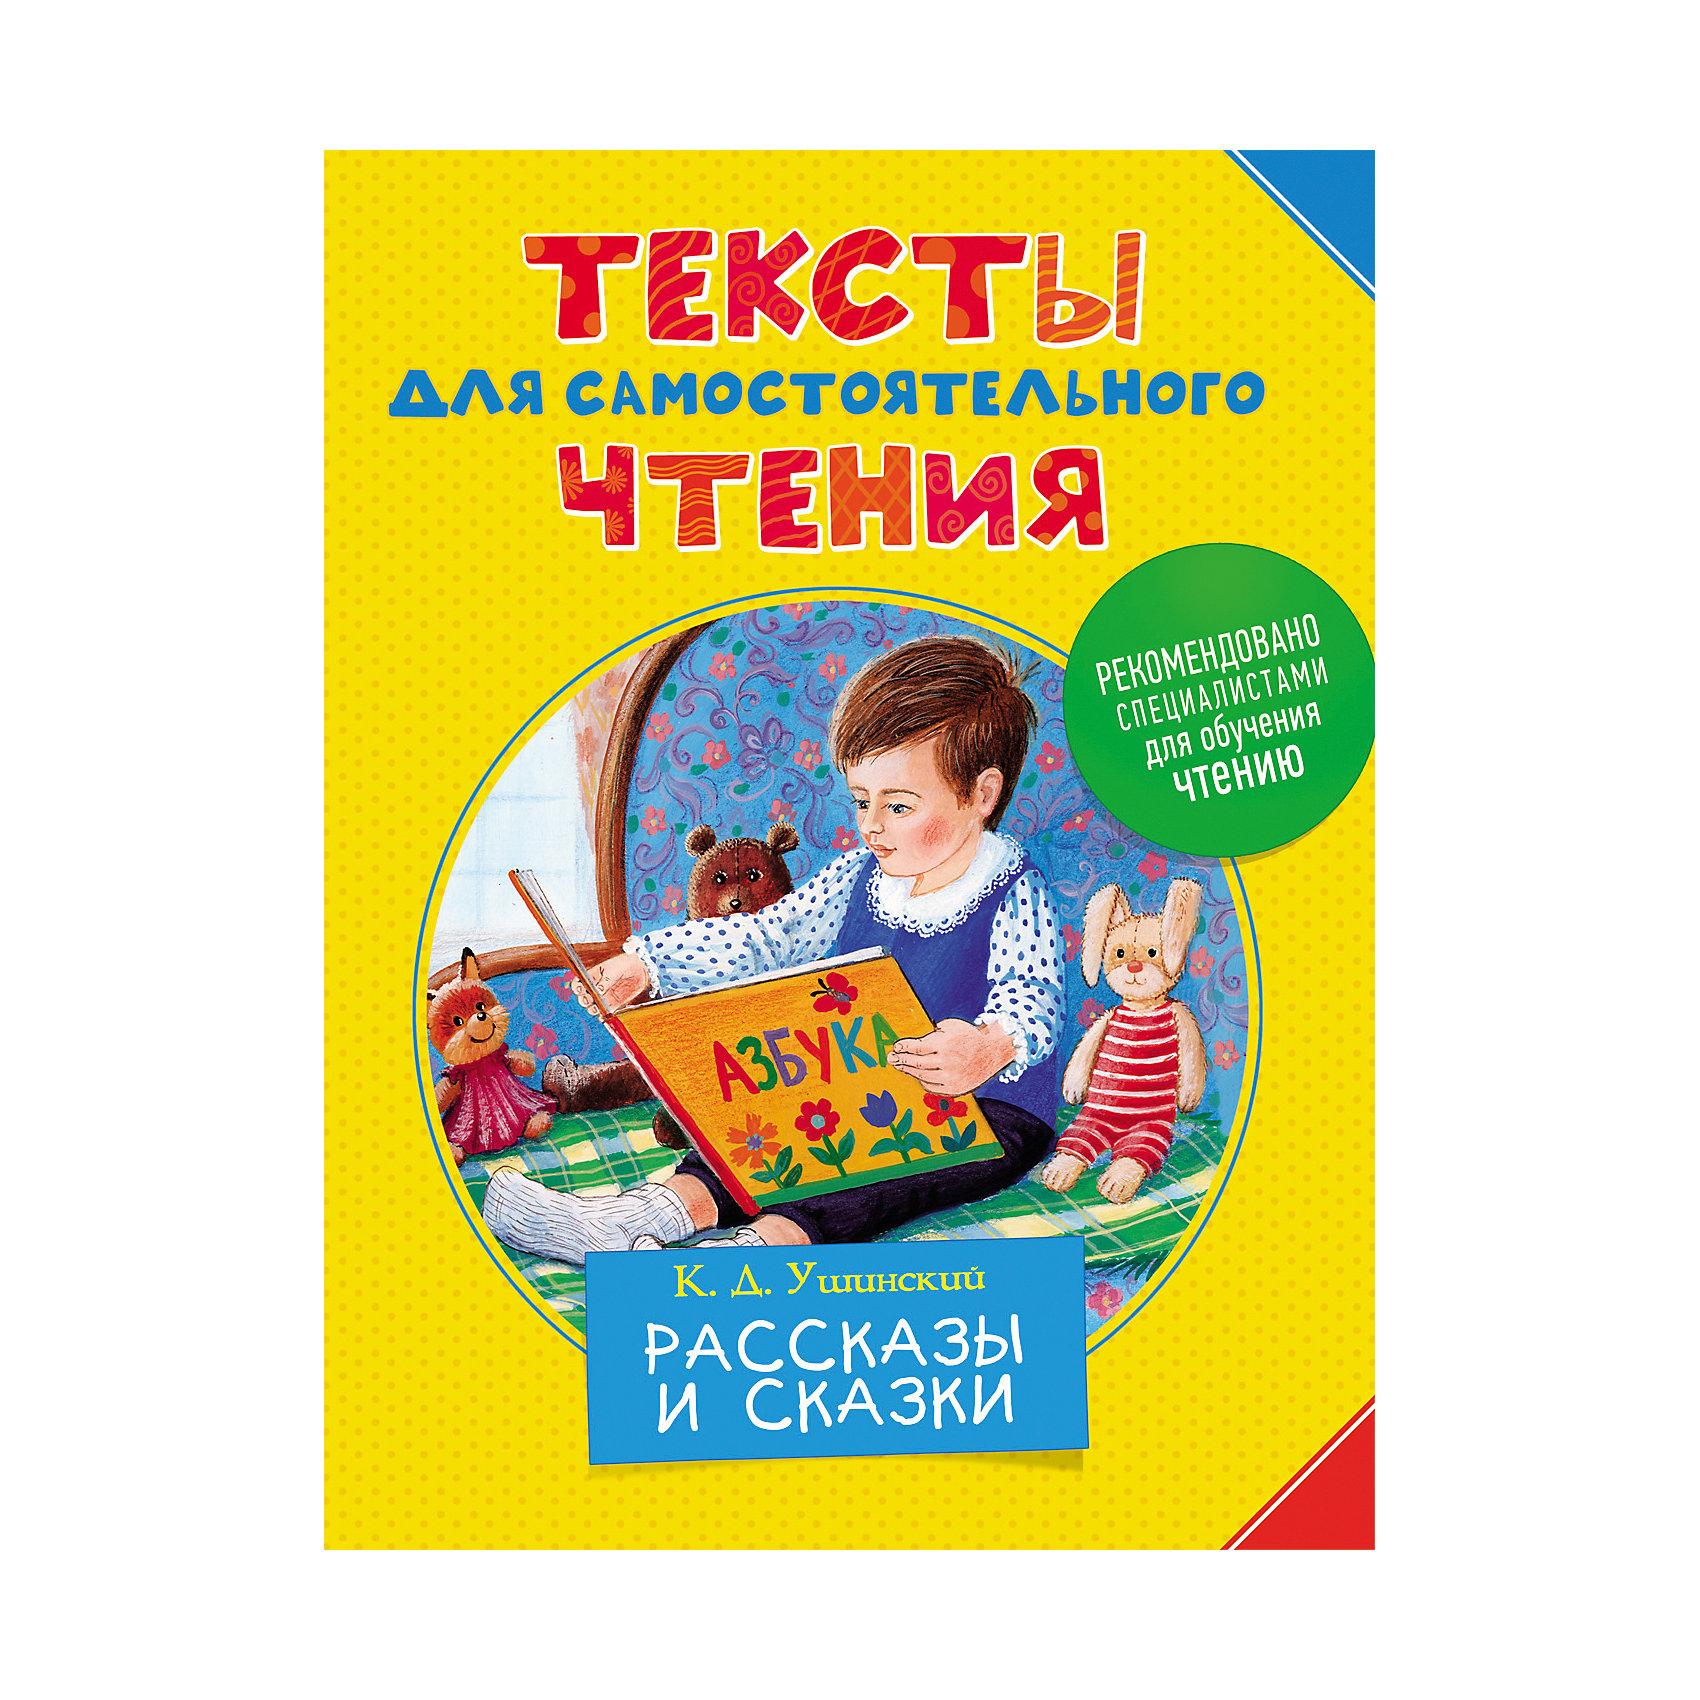 Тексты для самостоятельного чтения. К.Д. УшинскийРосмэн<br>Характеристики товара:<br><br>- цвет: разноцветный;<br>- материал: бумага;<br>- страниц: 40;<br>- формат: 22 х 28 см;<br>- обложка: твердая;<br>- цветные иллюстрации.<br><br>Это проработанное развивающее издание станет отличным подарком для родителей и ребенка. Оно содержит в себе короткие тексты, которые помогут ребенку подготовиться к школе. Простые интересные рассказы, написанные крупным шрифтом и понятным языком и дополненные яркими картинками помогут привить любовь к учебе!<br>Такое чтение помогает ребенку развивать нужные навки, зрительную память, концентрацию внимания и воображение. Издание произведено из качественных материалов, которые безопасны даже для самых маленьких.<br><br>Издание Тексты для самостоятельного чтения. К.Д. Ушинский от компании Росмэн можно купить в нашем интернет-магазине.<br><br>Ширина мм: 282<br>Глубина мм: 218<br>Высота мм: 7<br>Вес г: 311<br>Возраст от месяцев: 60<br>Возраст до месяцев: 84<br>Пол: Унисекс<br>Возраст: Детский<br>SKU: 5110182